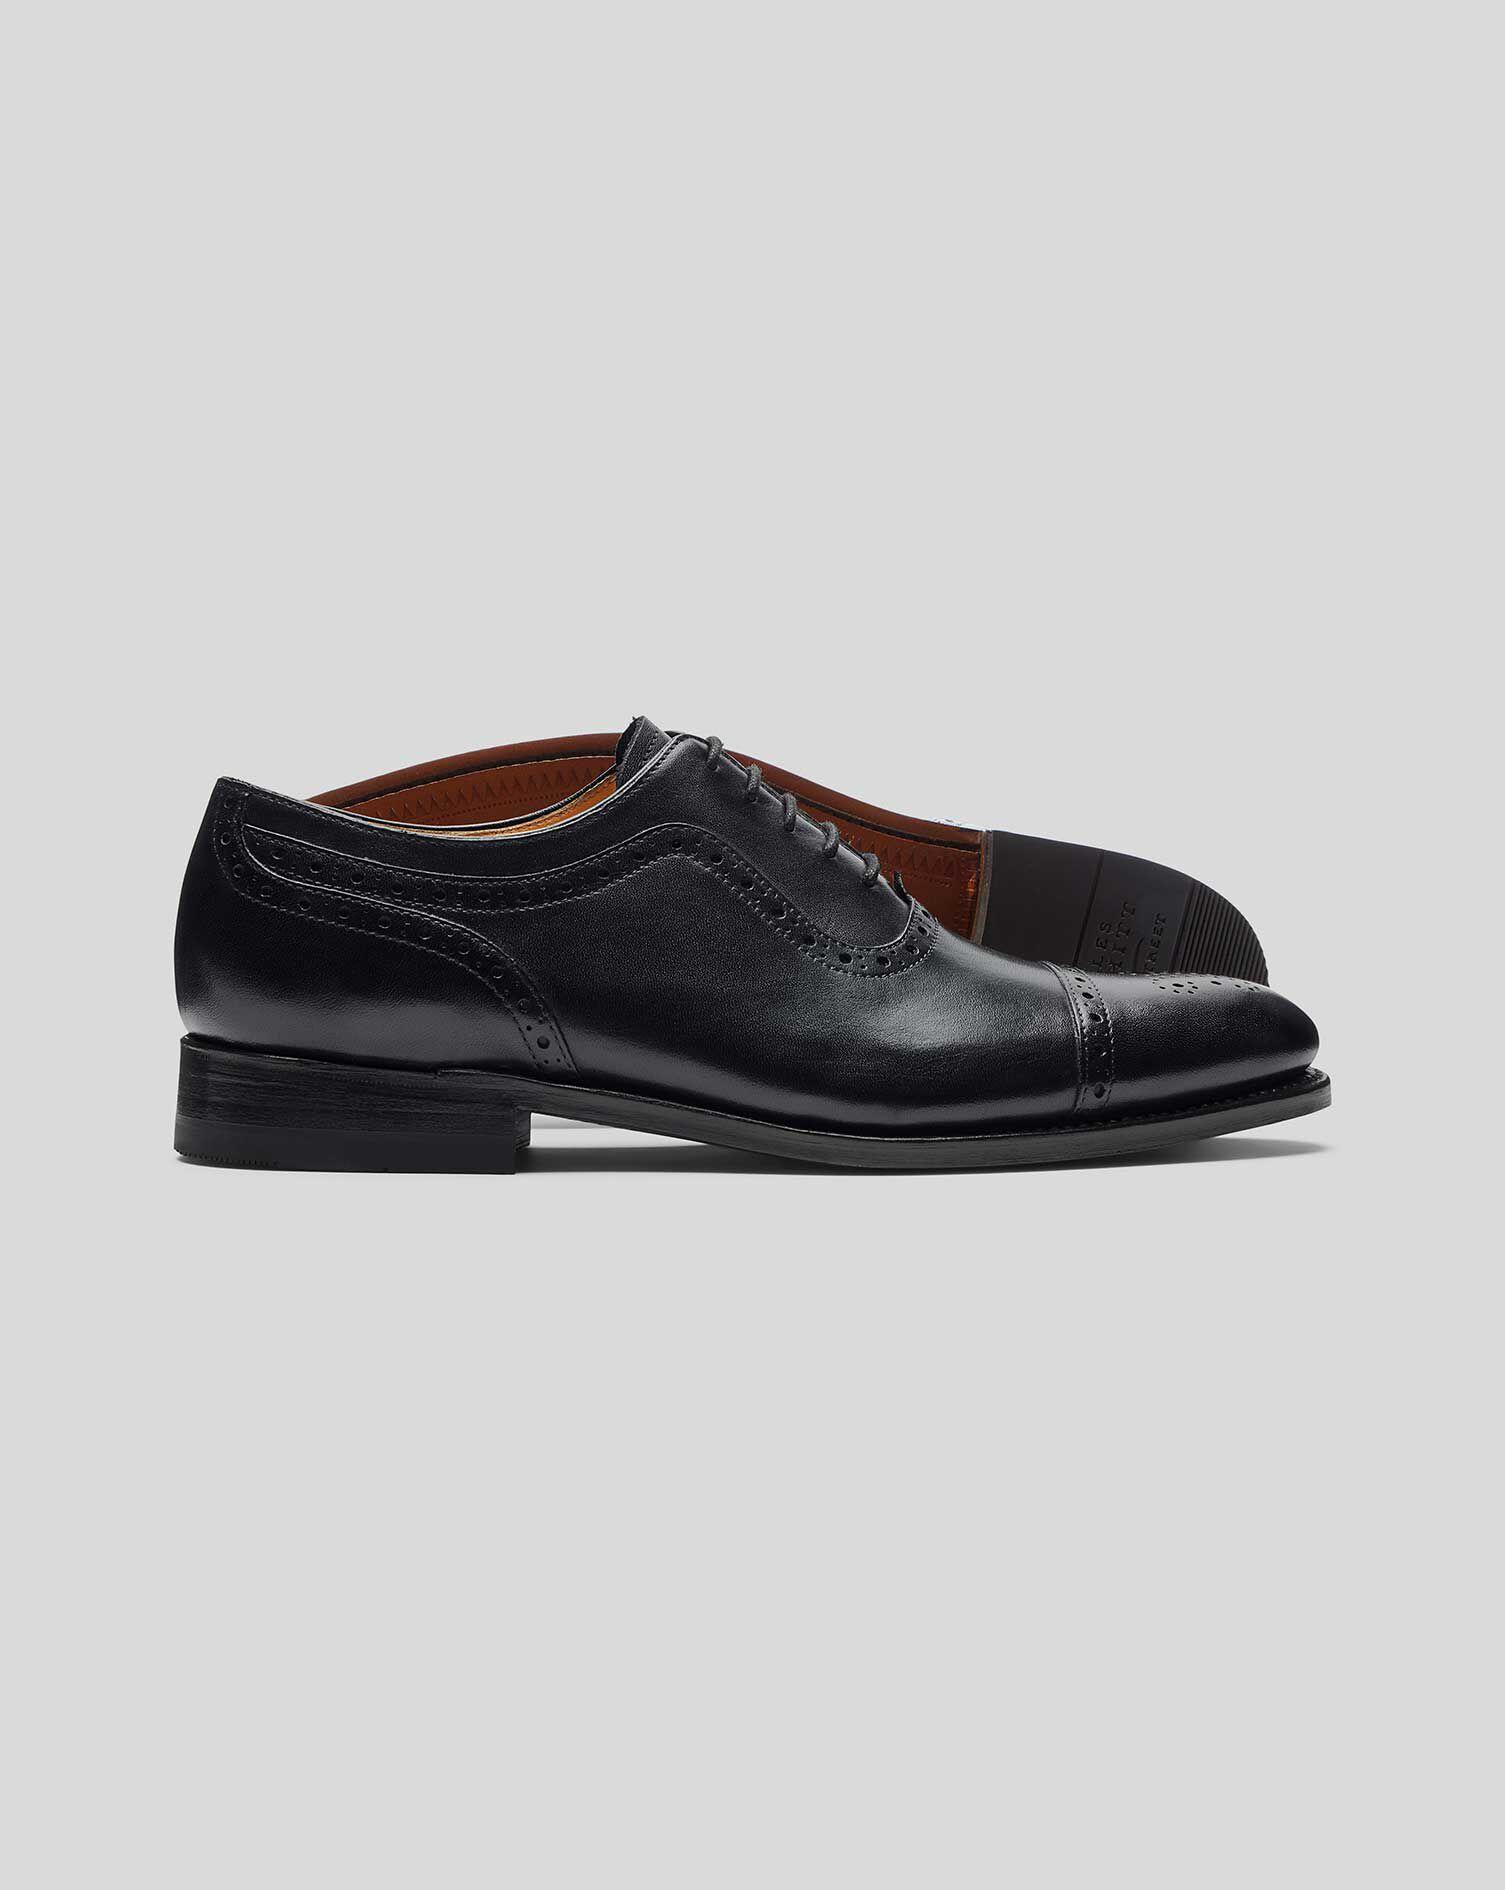 Men's Shoes | Charles Tyrwhitt